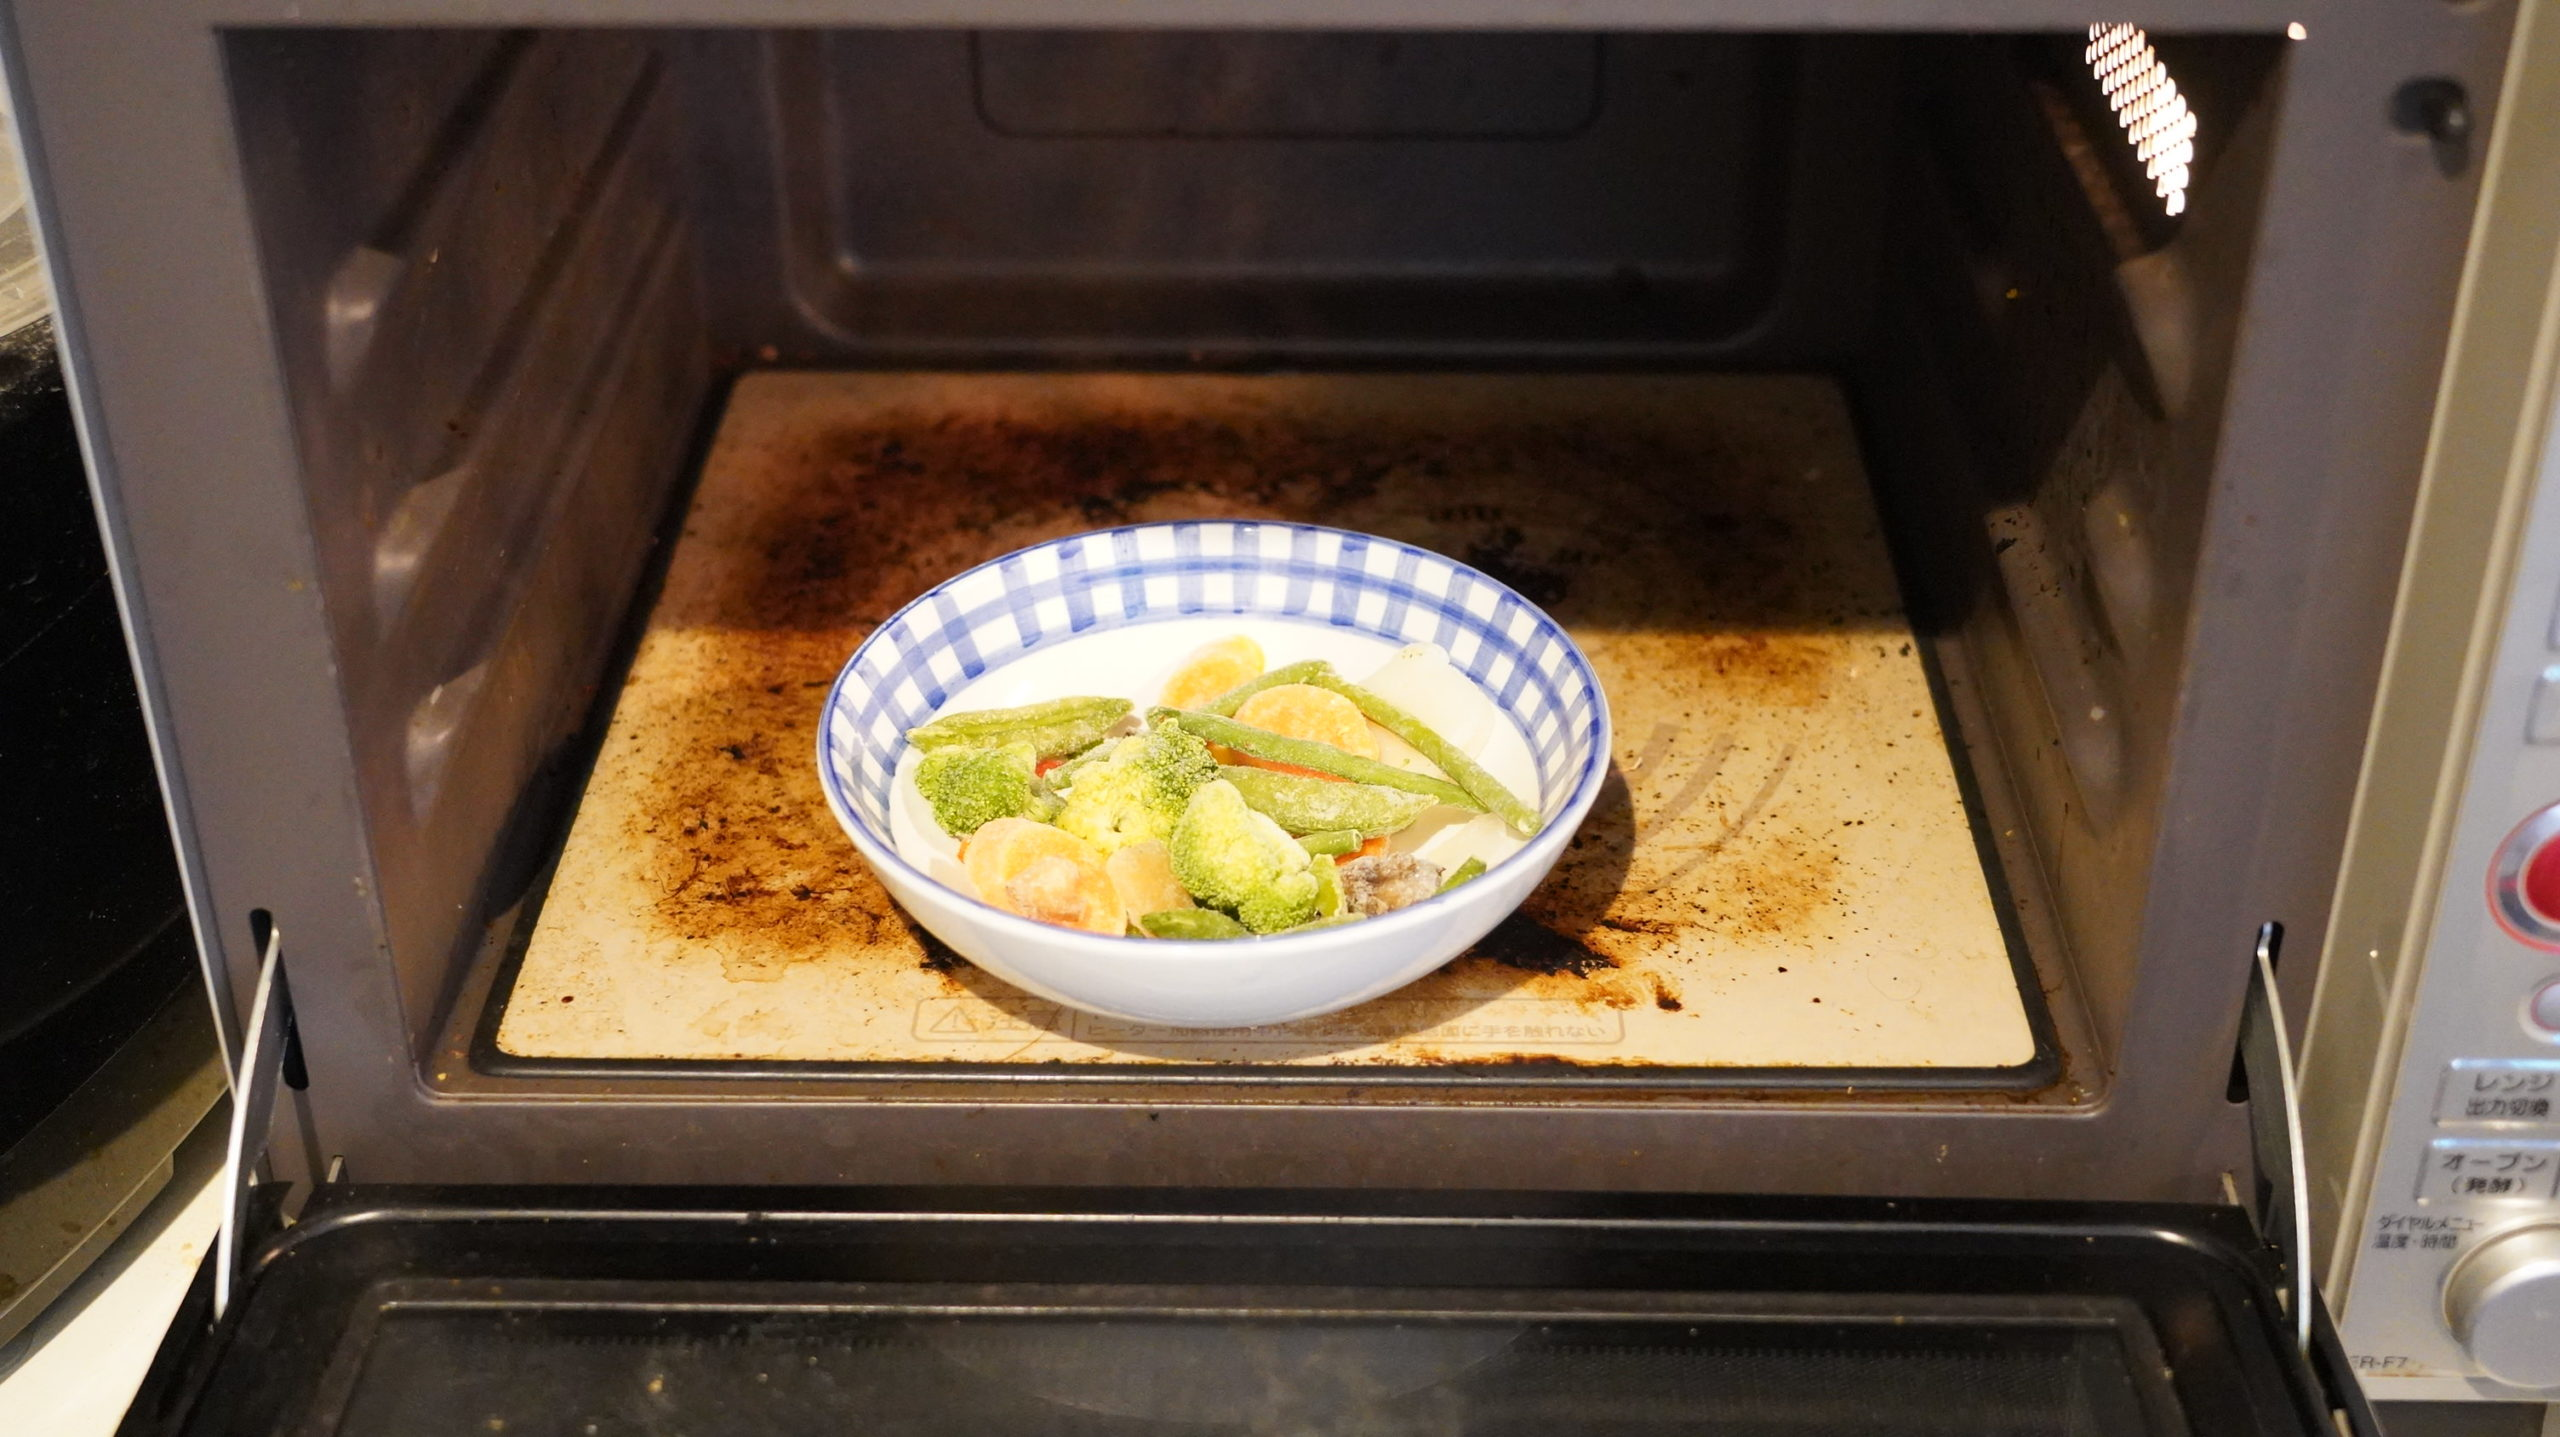 コストコの冷凍食品「ステアフライ・ベジタブルブレンド」を電子レンジで加熱している写真